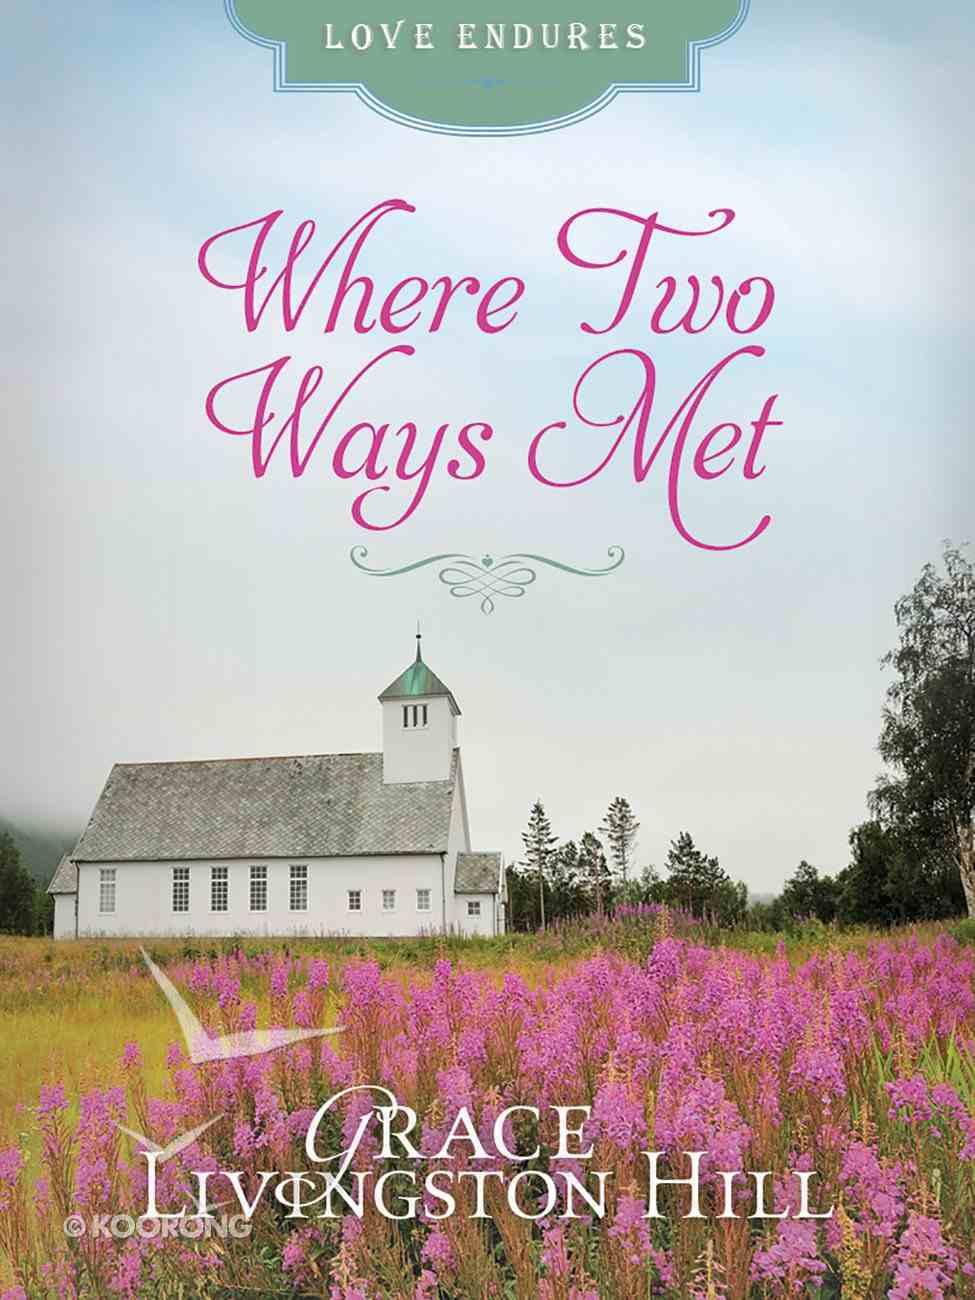 Where Two Ways Met (Love Endures Series) eBook